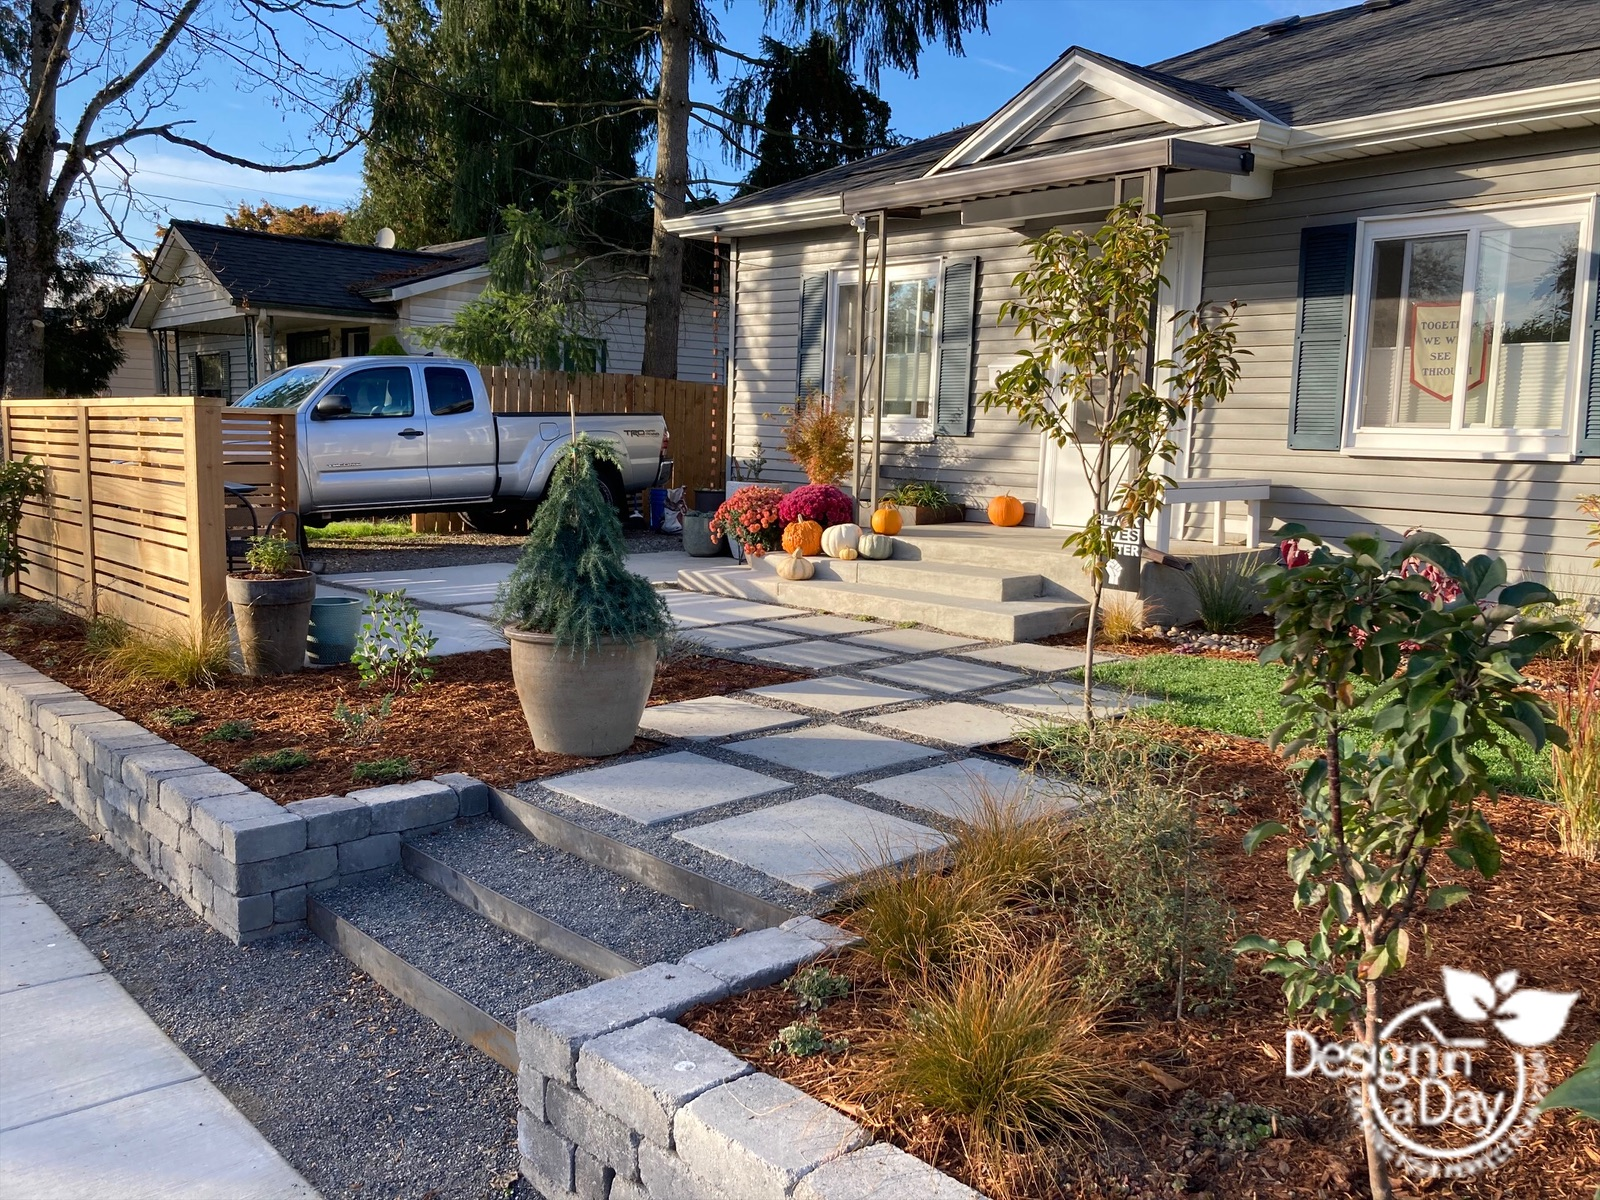 Modern Landscape Design For Kenton Neighborhood Front Yard Landscape Design In A Day